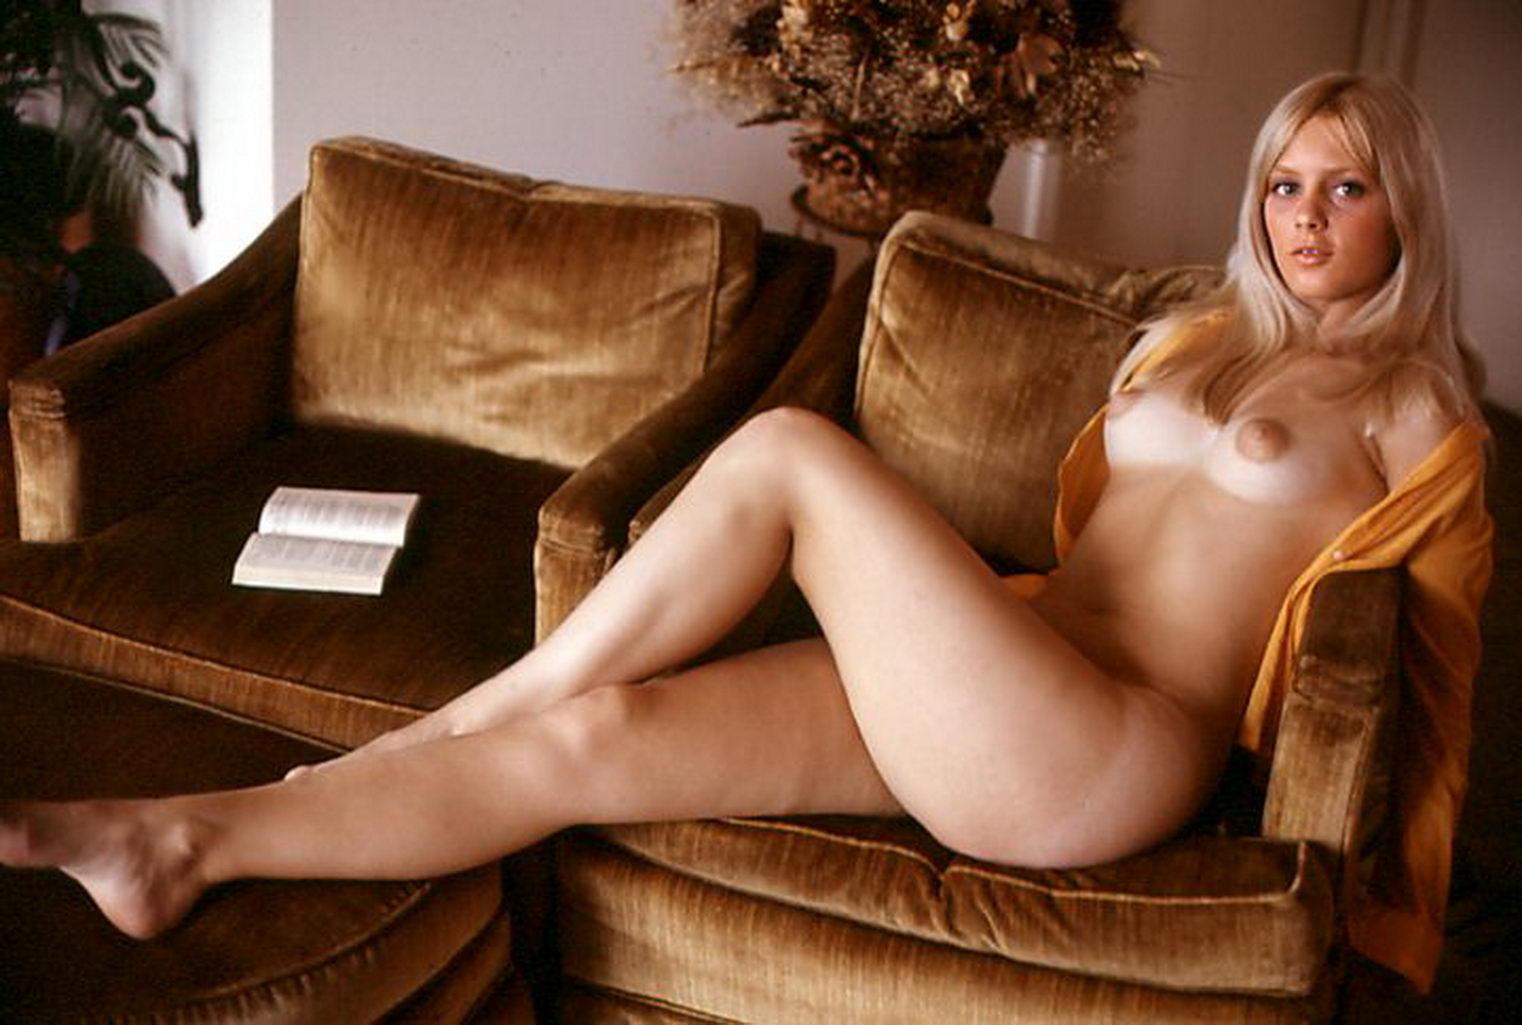 Фото ретро голие девушки, Фотографии ретро-эротики, фото эротика 20 фотография